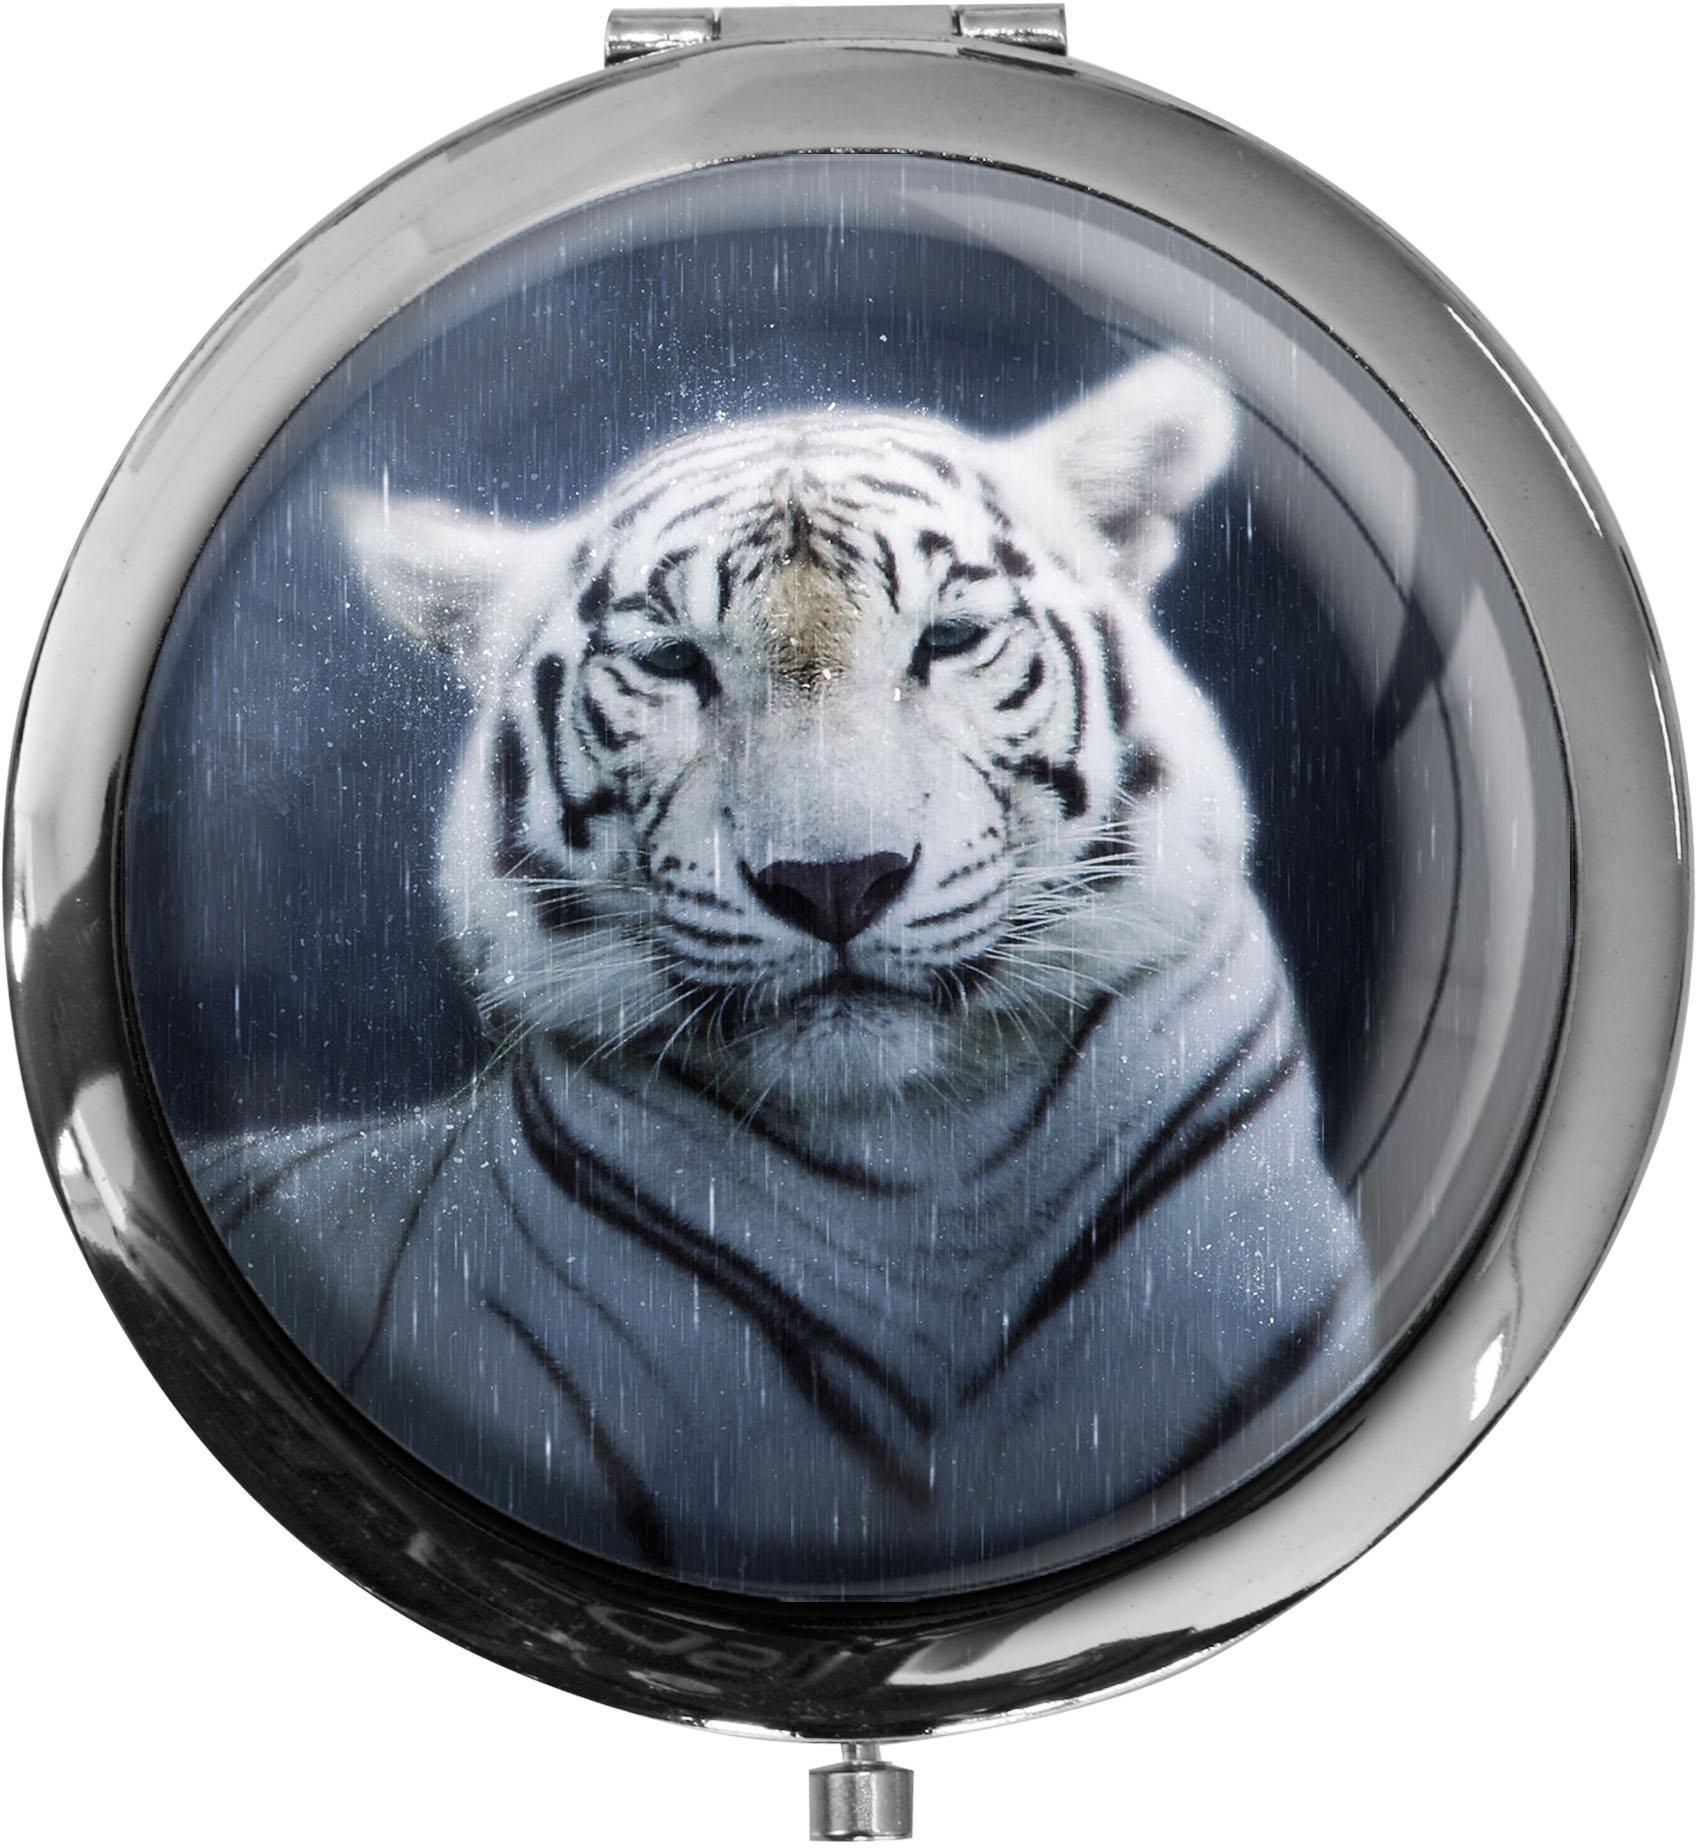 Taschenspiegel / Spiegel / Tiger / Raubtiere / Wildkatzen